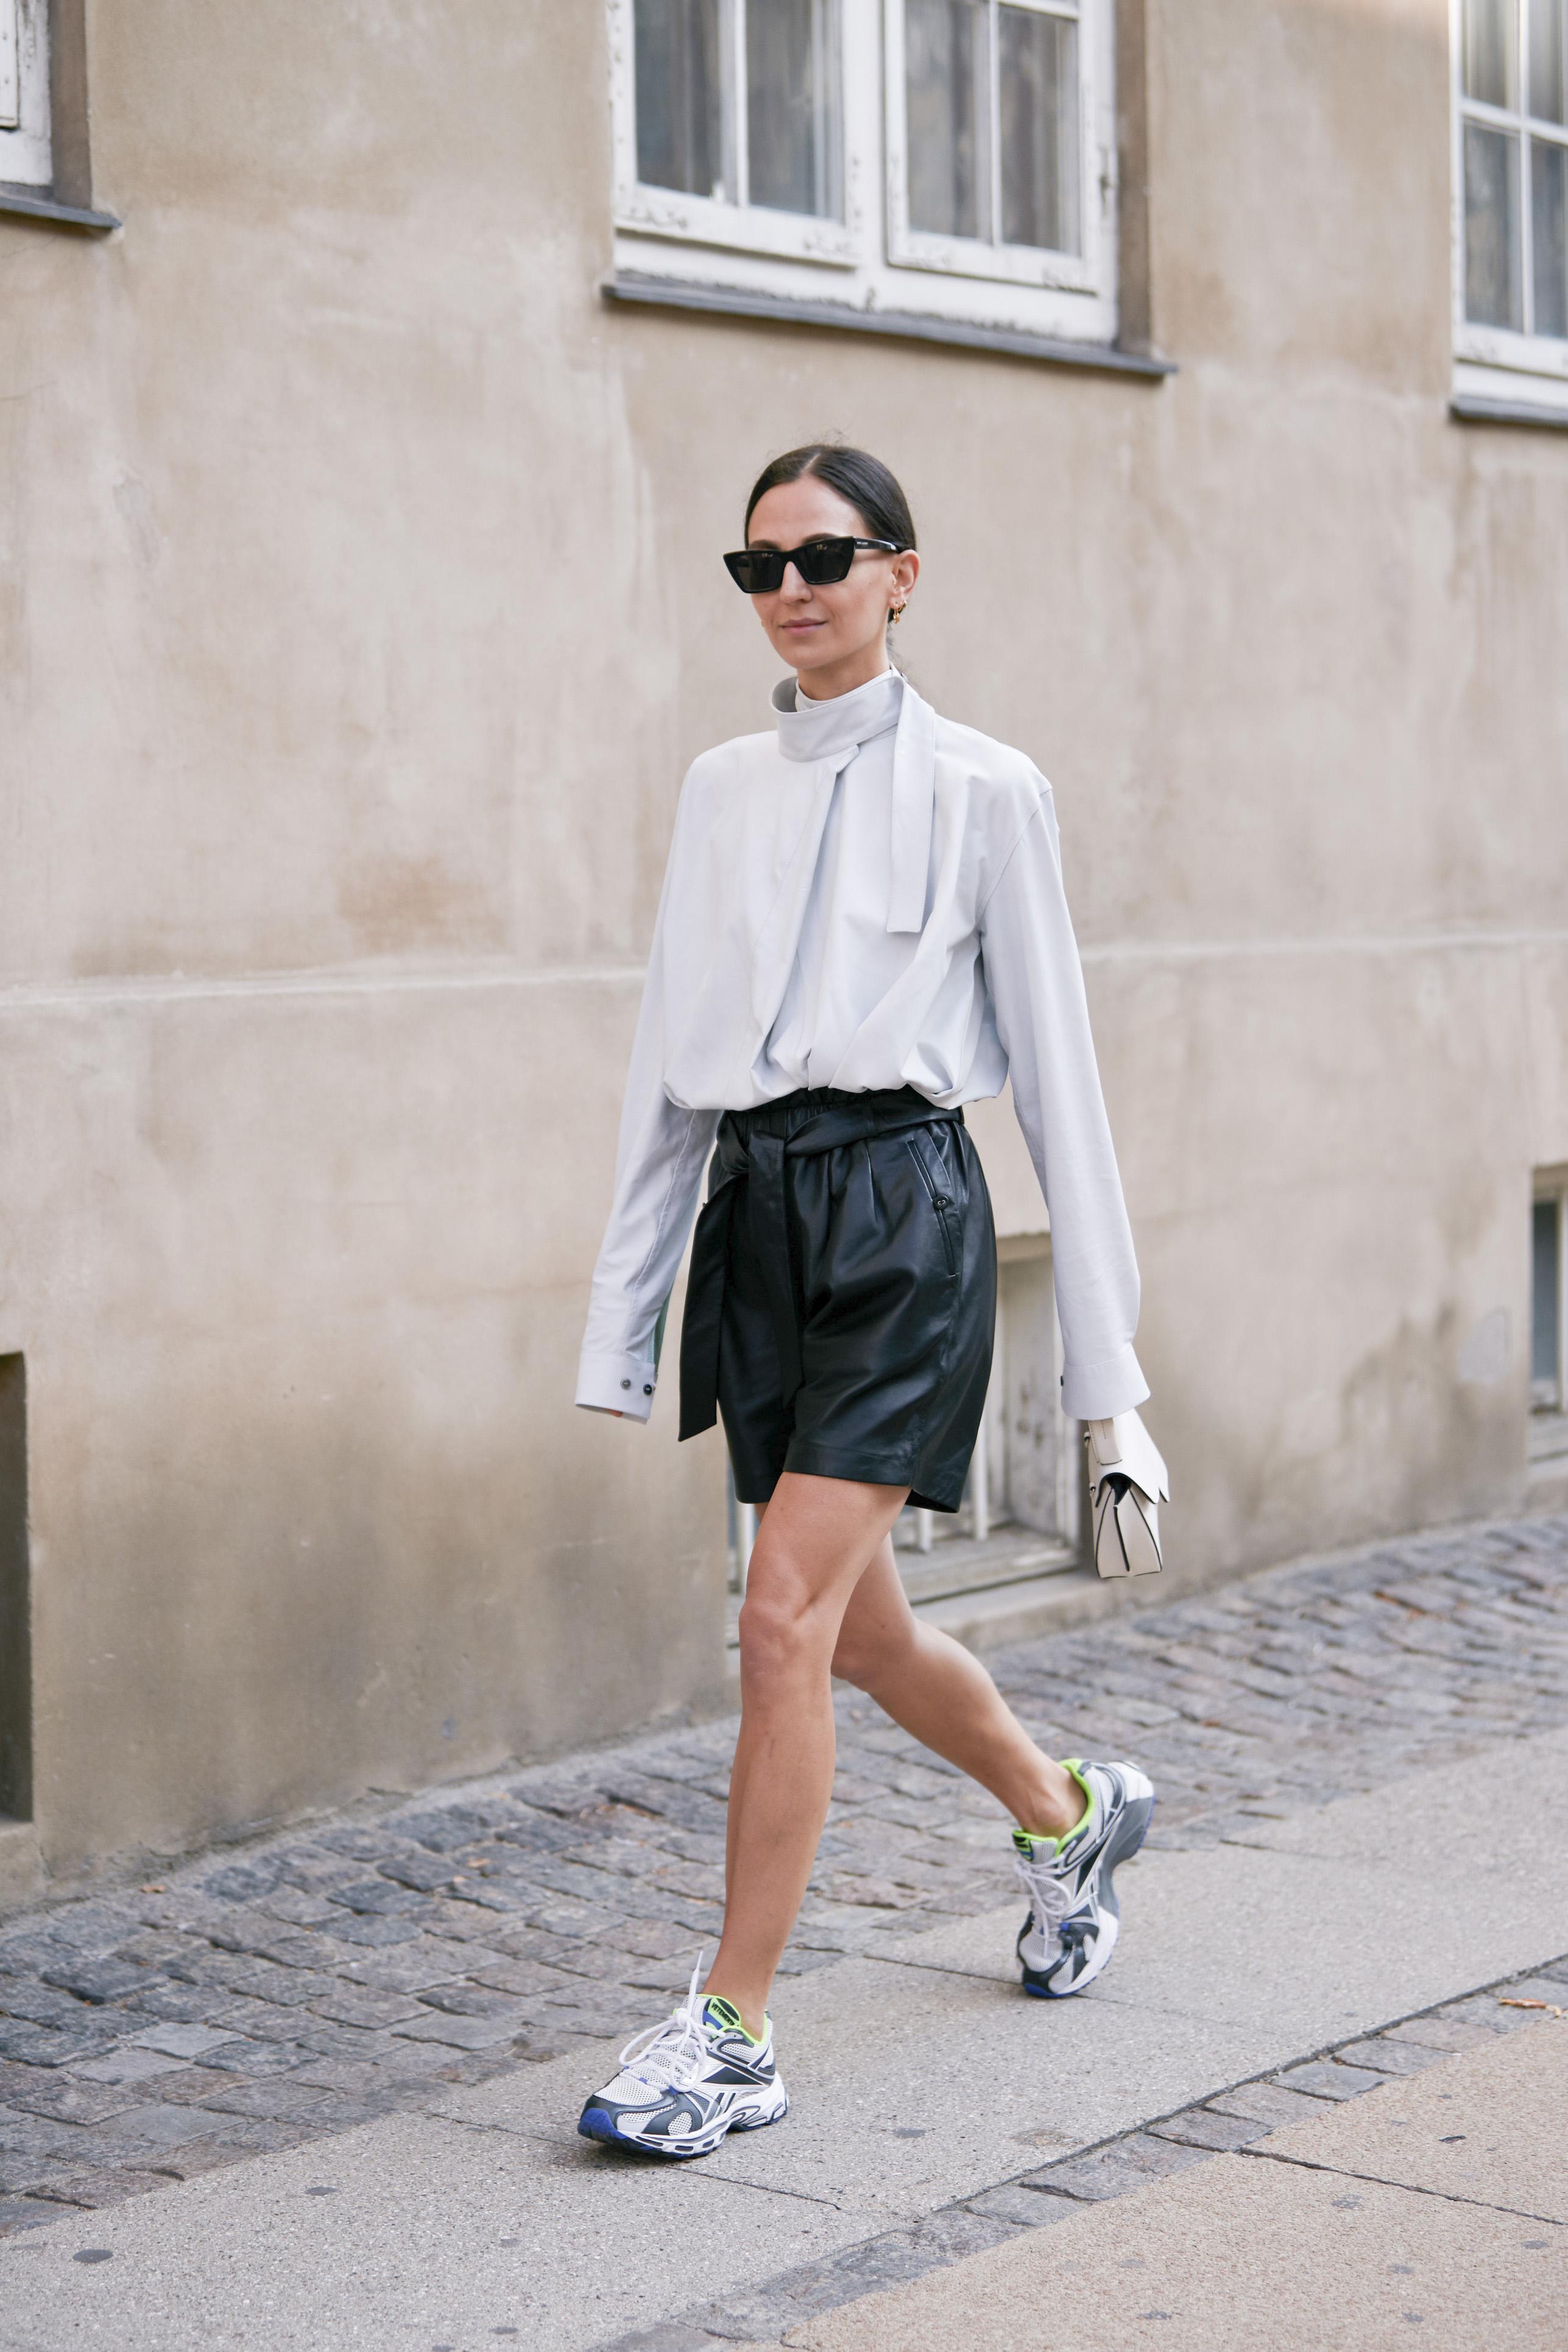 Top Of The Tops: Τα μοναδικά στυλ μπλούζας που θα χρειαστείς αυτό το φθινόπωρο είναι απλά «κορυφαία»